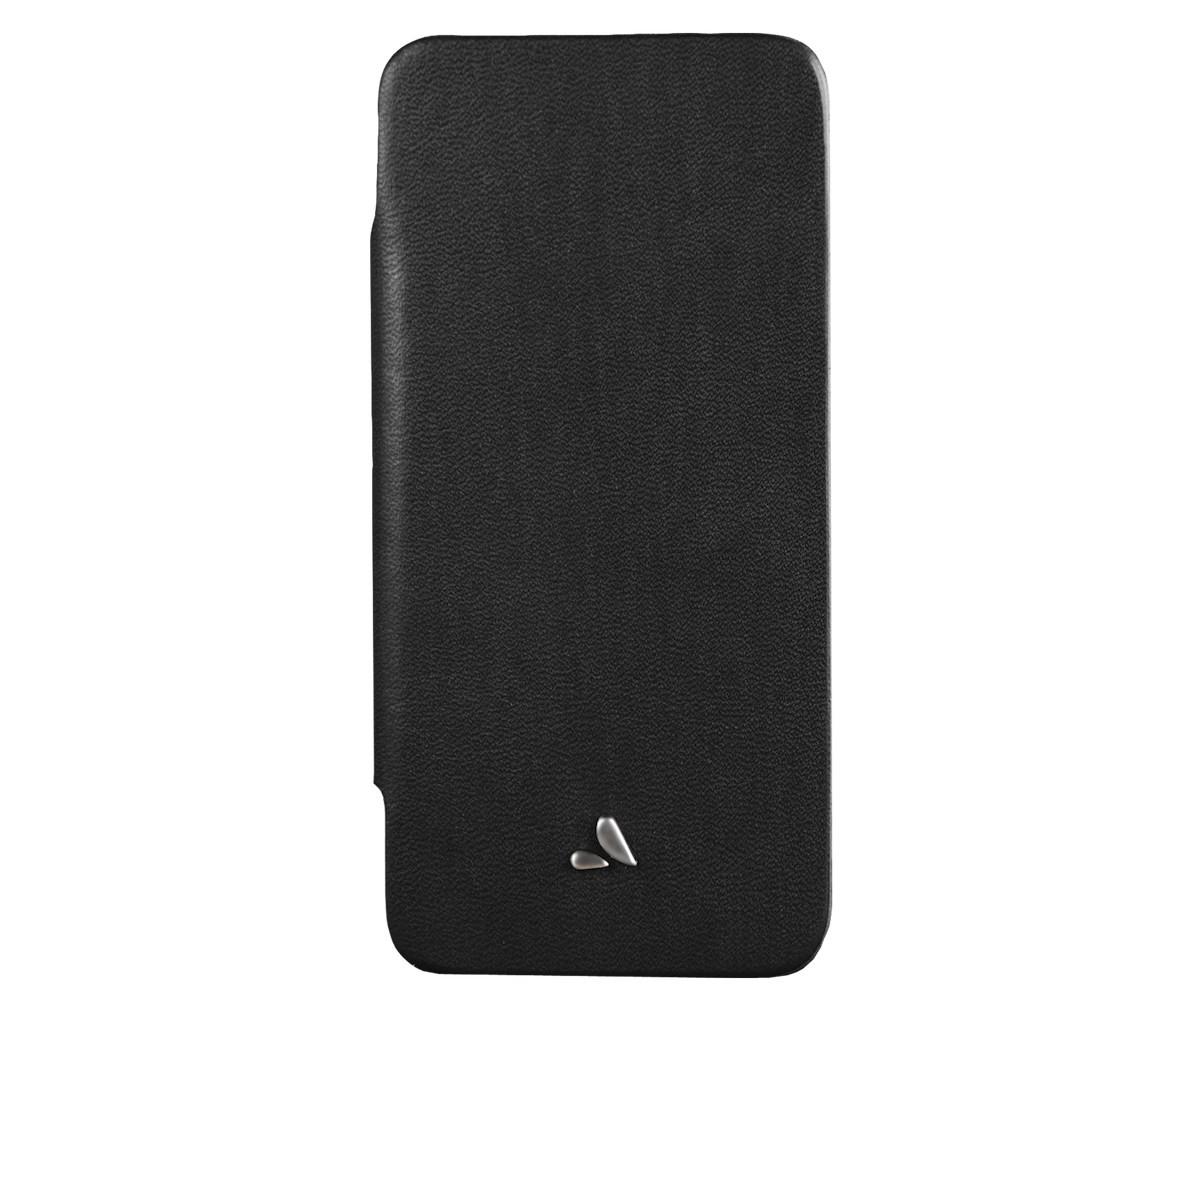 Черен кейс Vaja за Apple iPhone 5/5s от естествена кожа